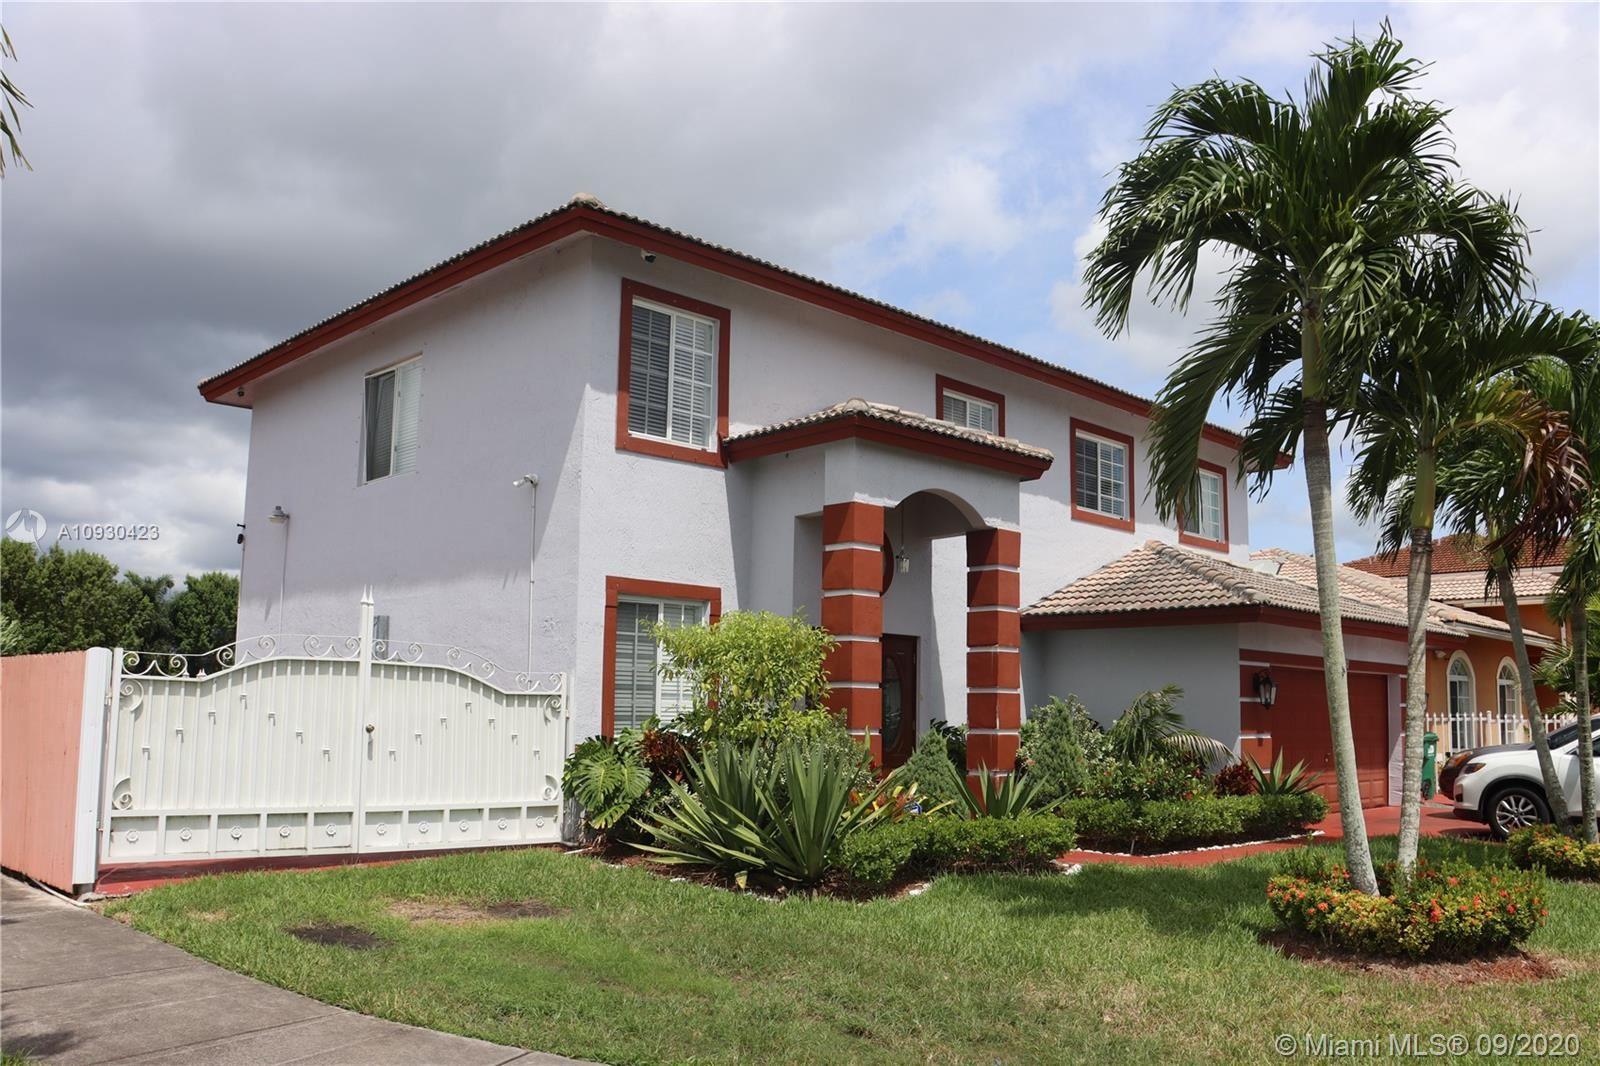 16181 SW 138th Ter, Miami, FL 33196 - #: A10930423